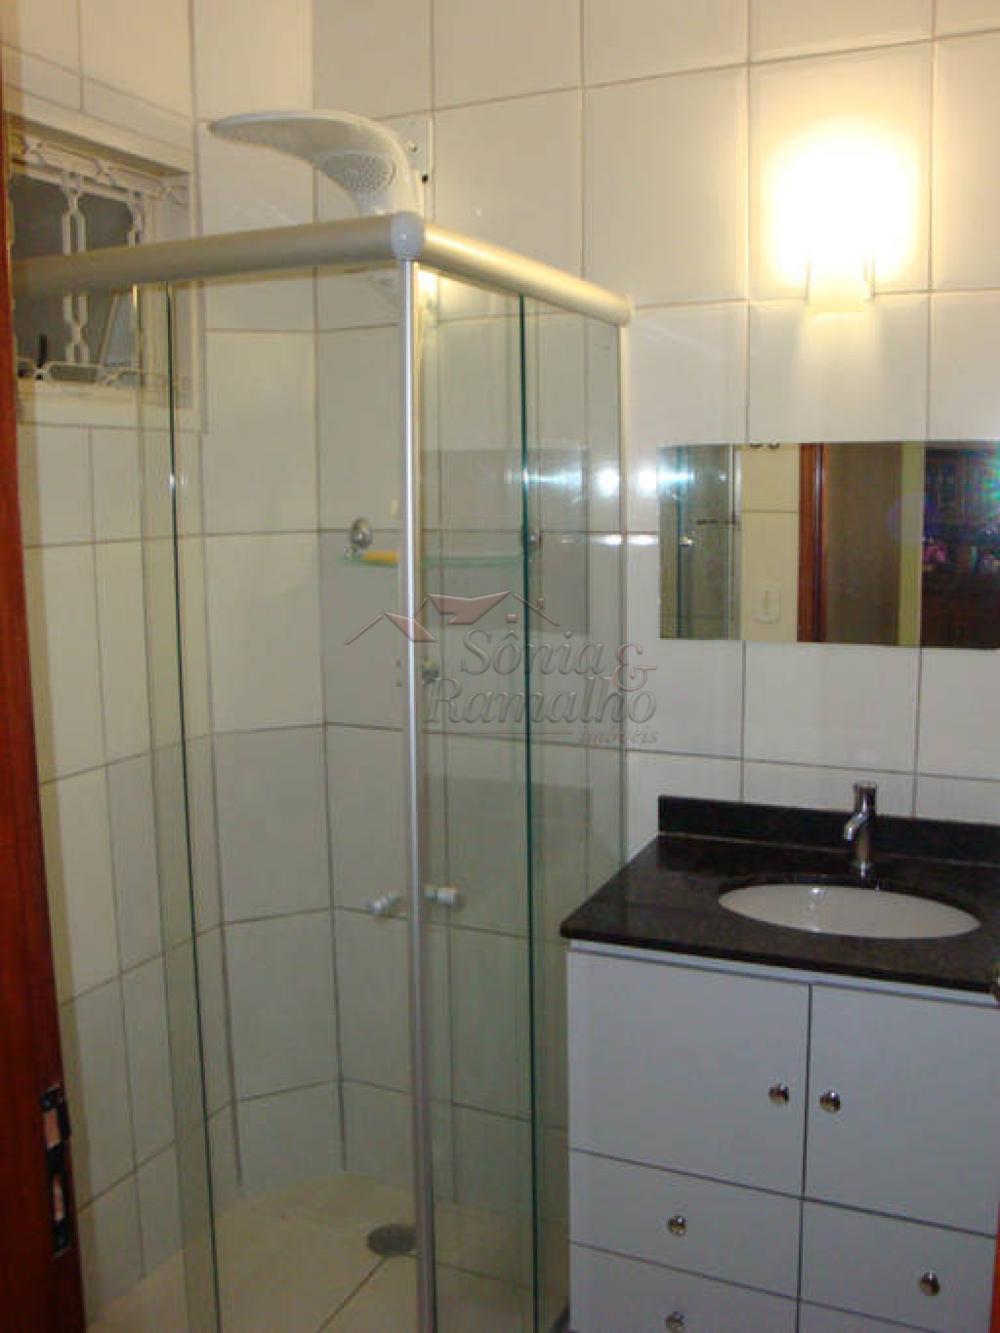 Comprar Apartamentos / Padrão em Ribeirão Preto apenas R$ 210.000,00 - Foto 16